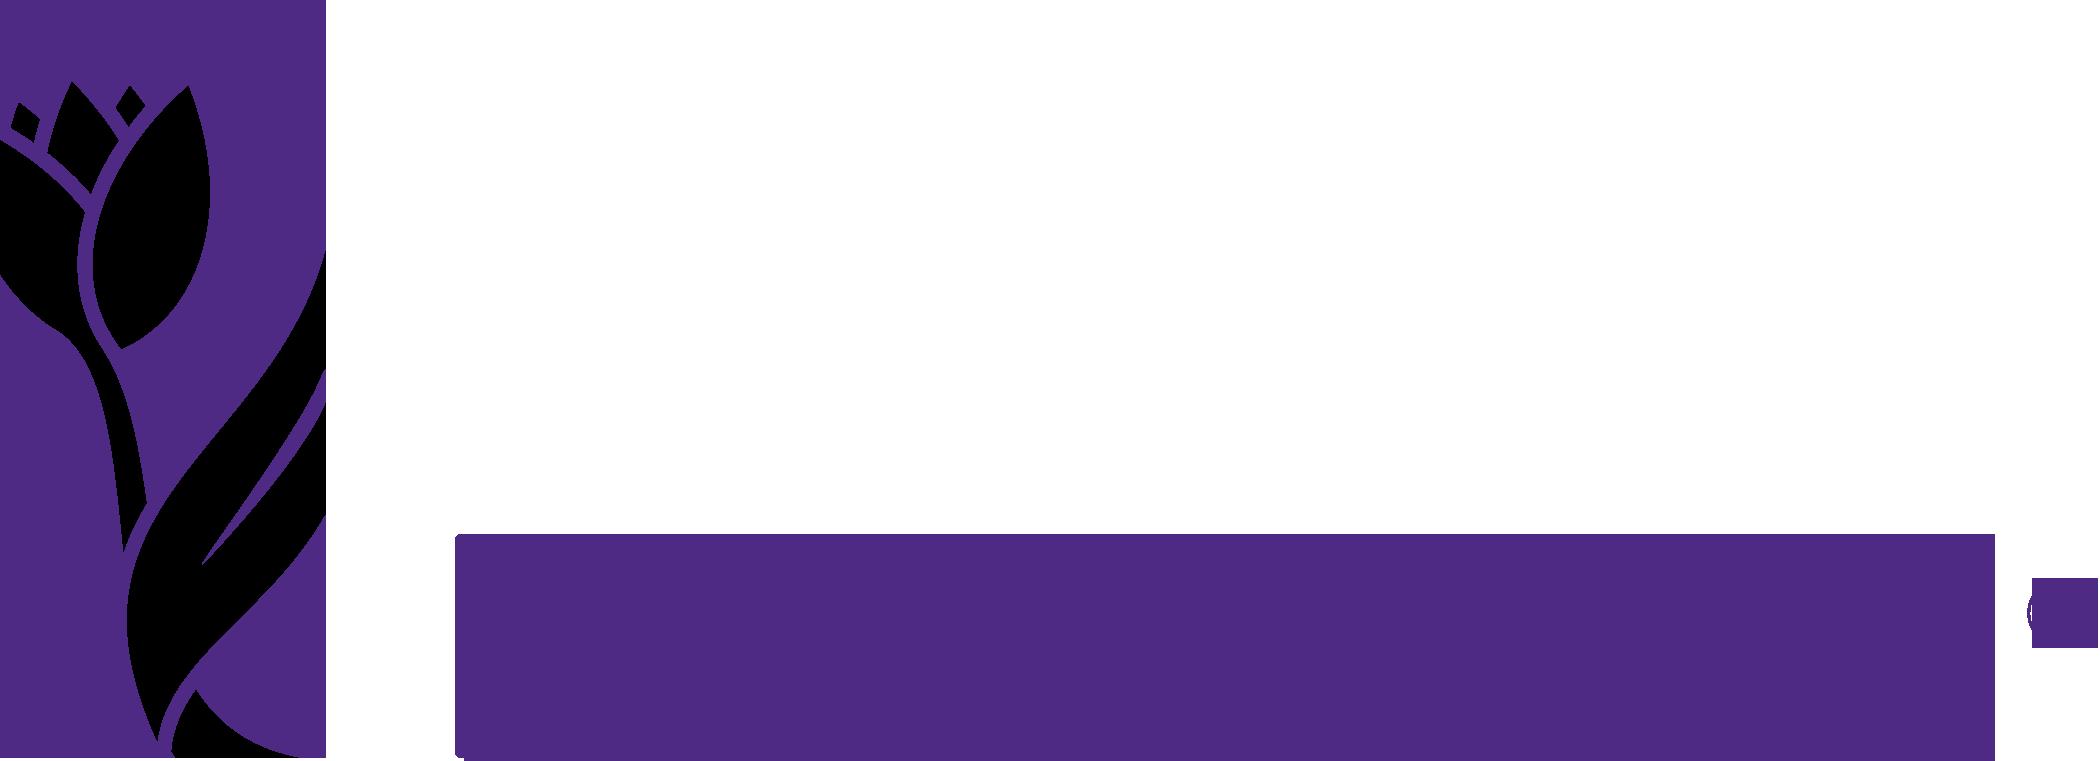 Honour Them logo